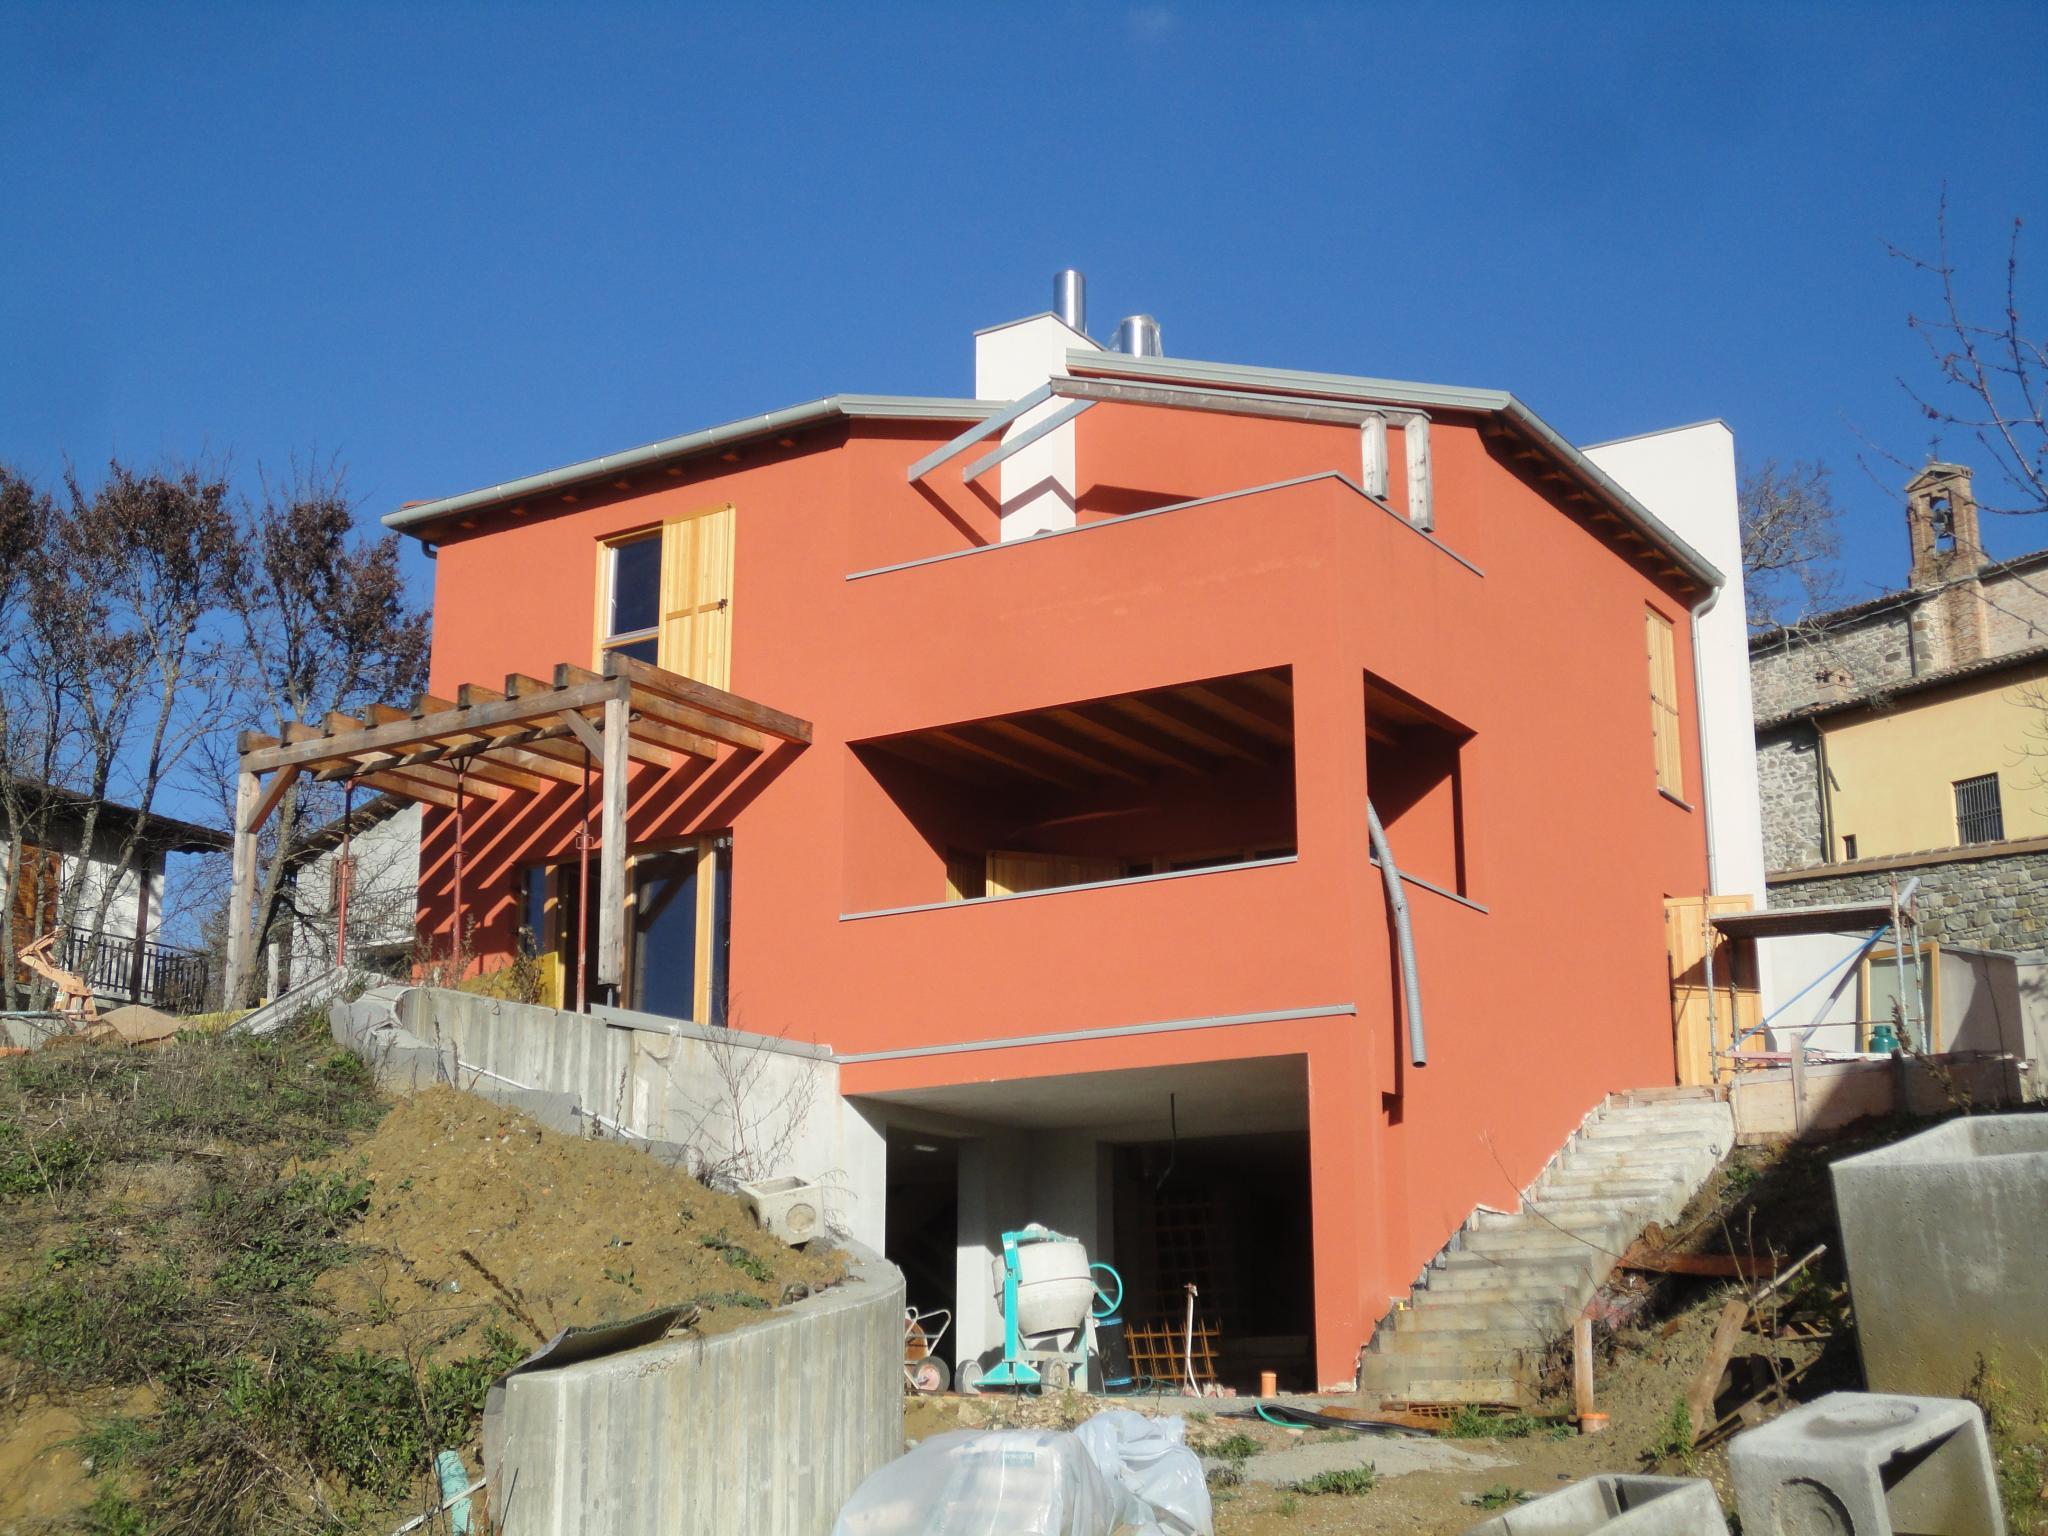 Casa in Legno Santagata